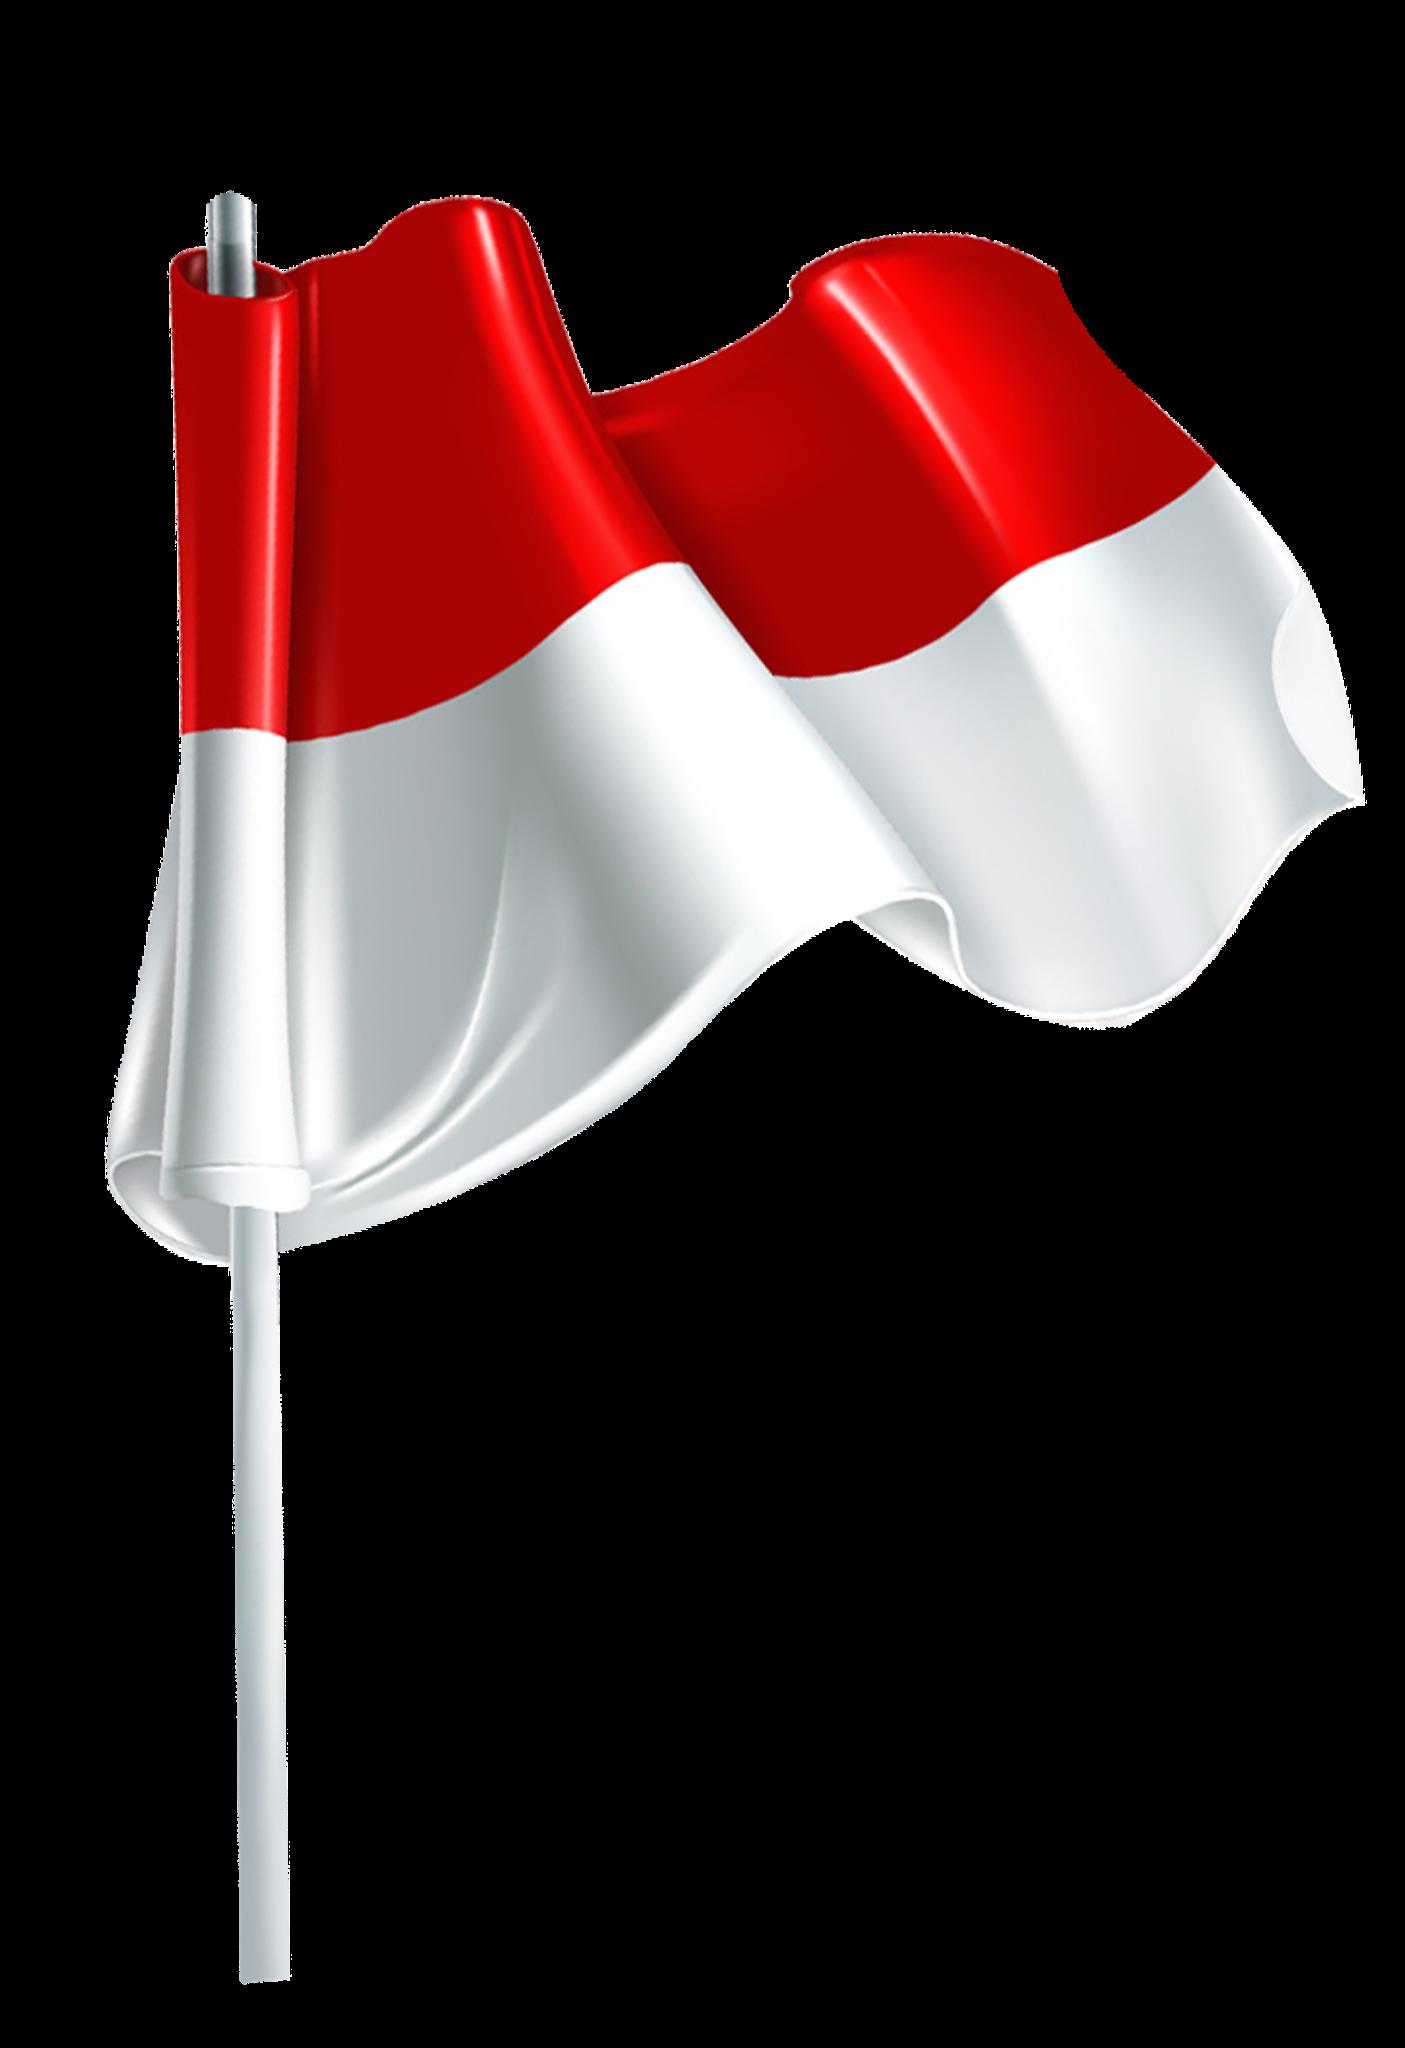 Vektor Bendera Merah Putih : vektor, bendera, merah, putih, Gambar, Bendera, Merah, Putih, Vector, Terbaik, Untuk, Desain, Jalan, Kucing